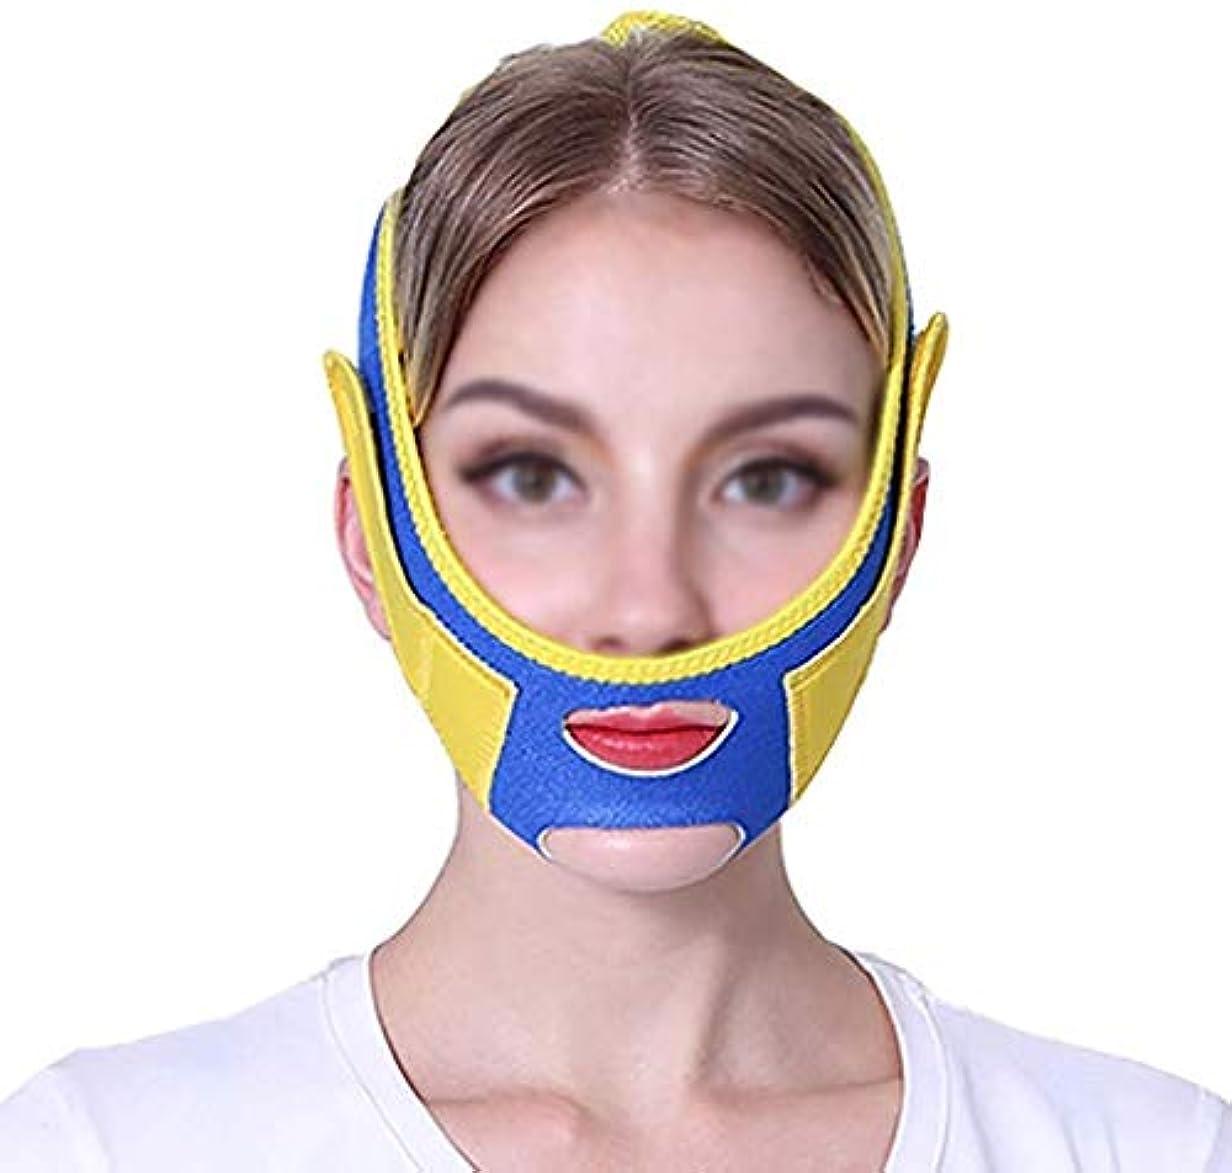 姪ビジュアルアソシエイト美容と実用的なファーミングフェイスマスク、スモールVフェイスアーティファクトリフティングマスクフェイスリフティングフェイスメロンフェイスリフティングフェイスファーミングクリームフェイスリフティングバンデージ